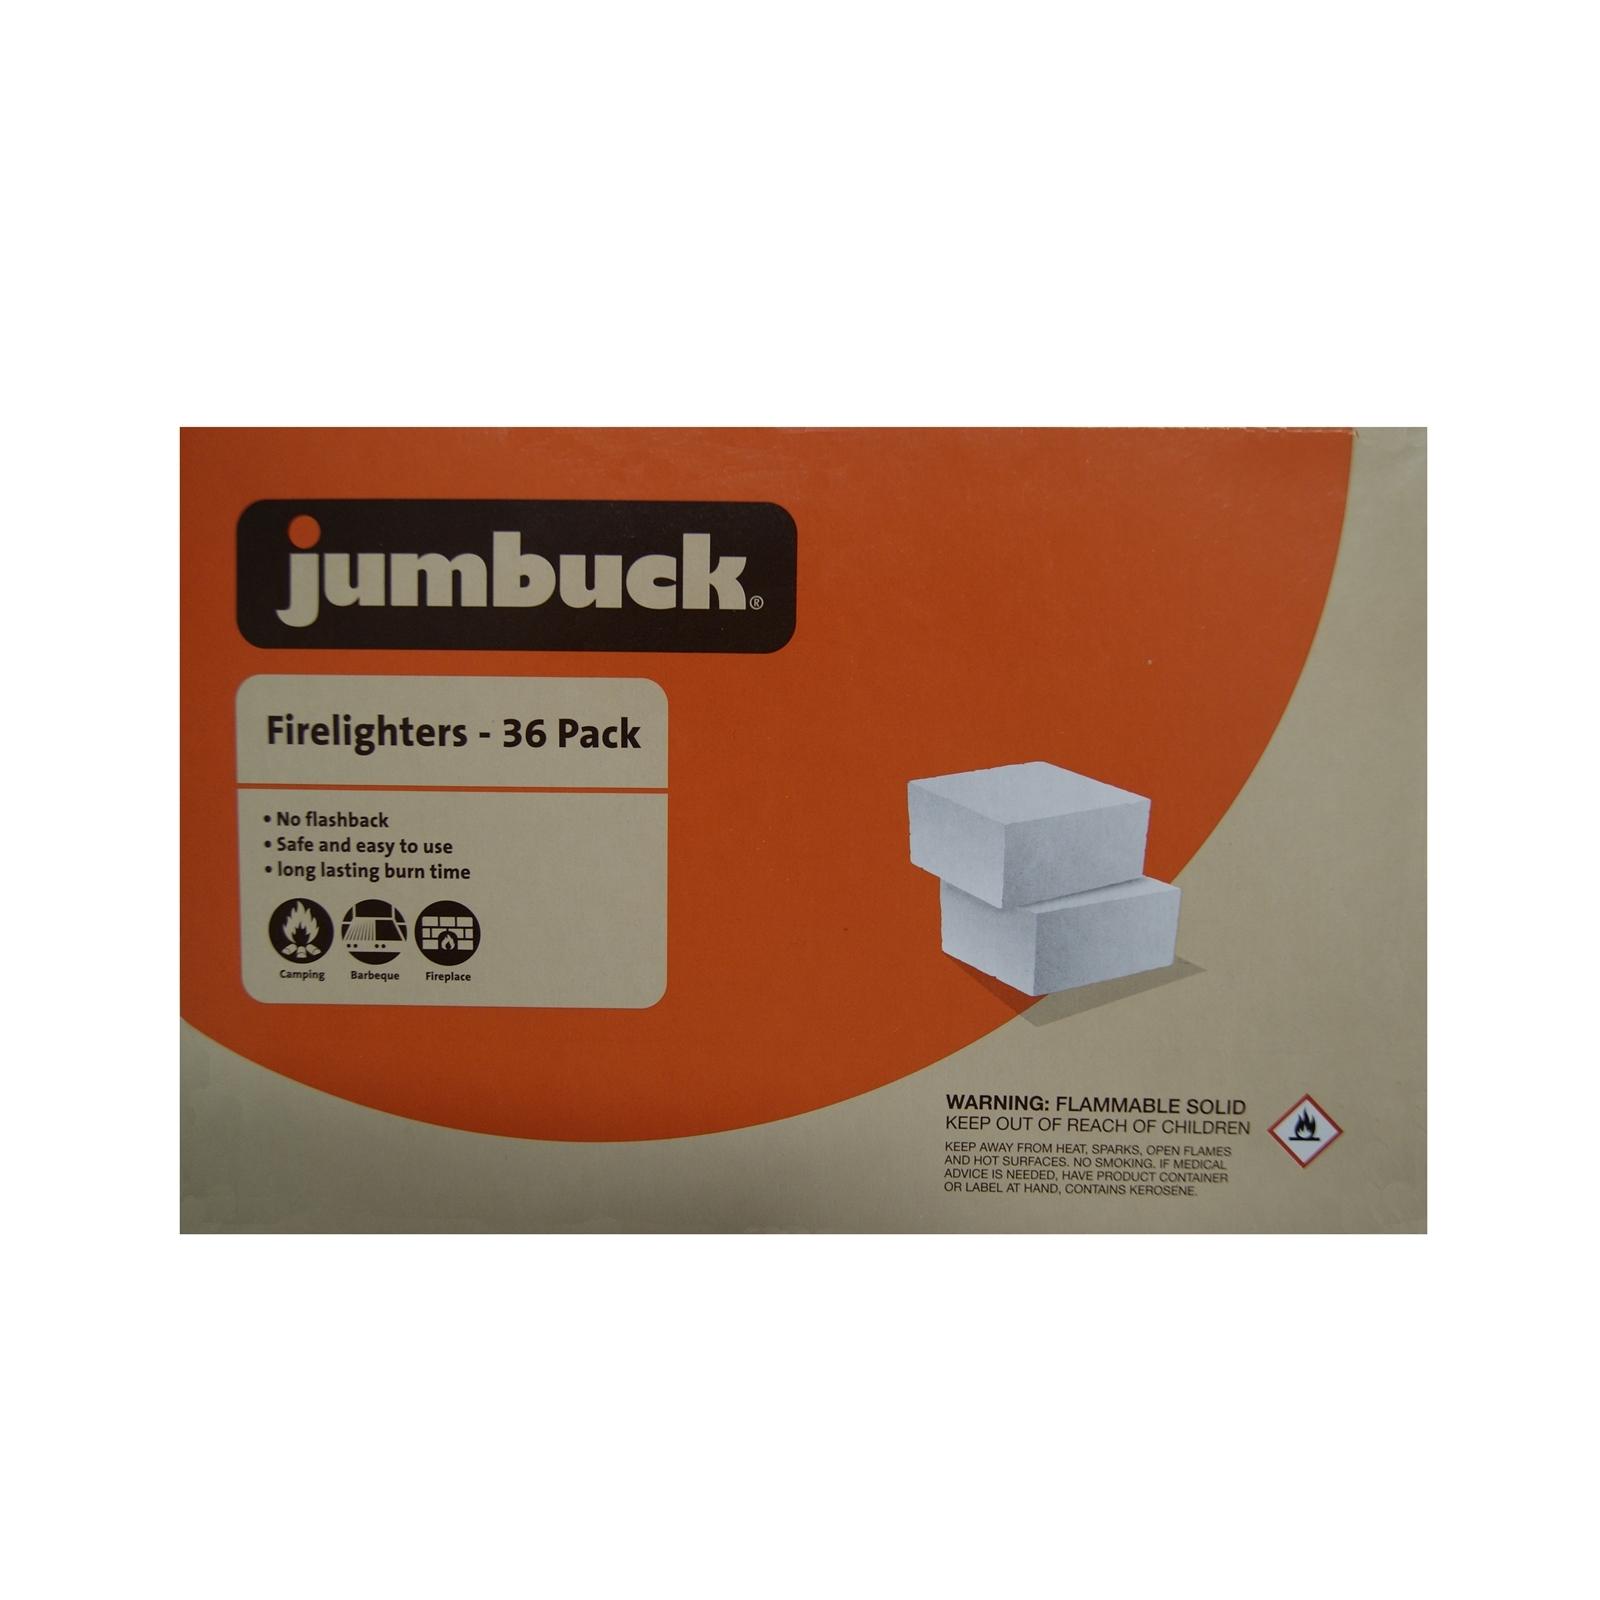 Jumbuck Firelighters - 36 Pack